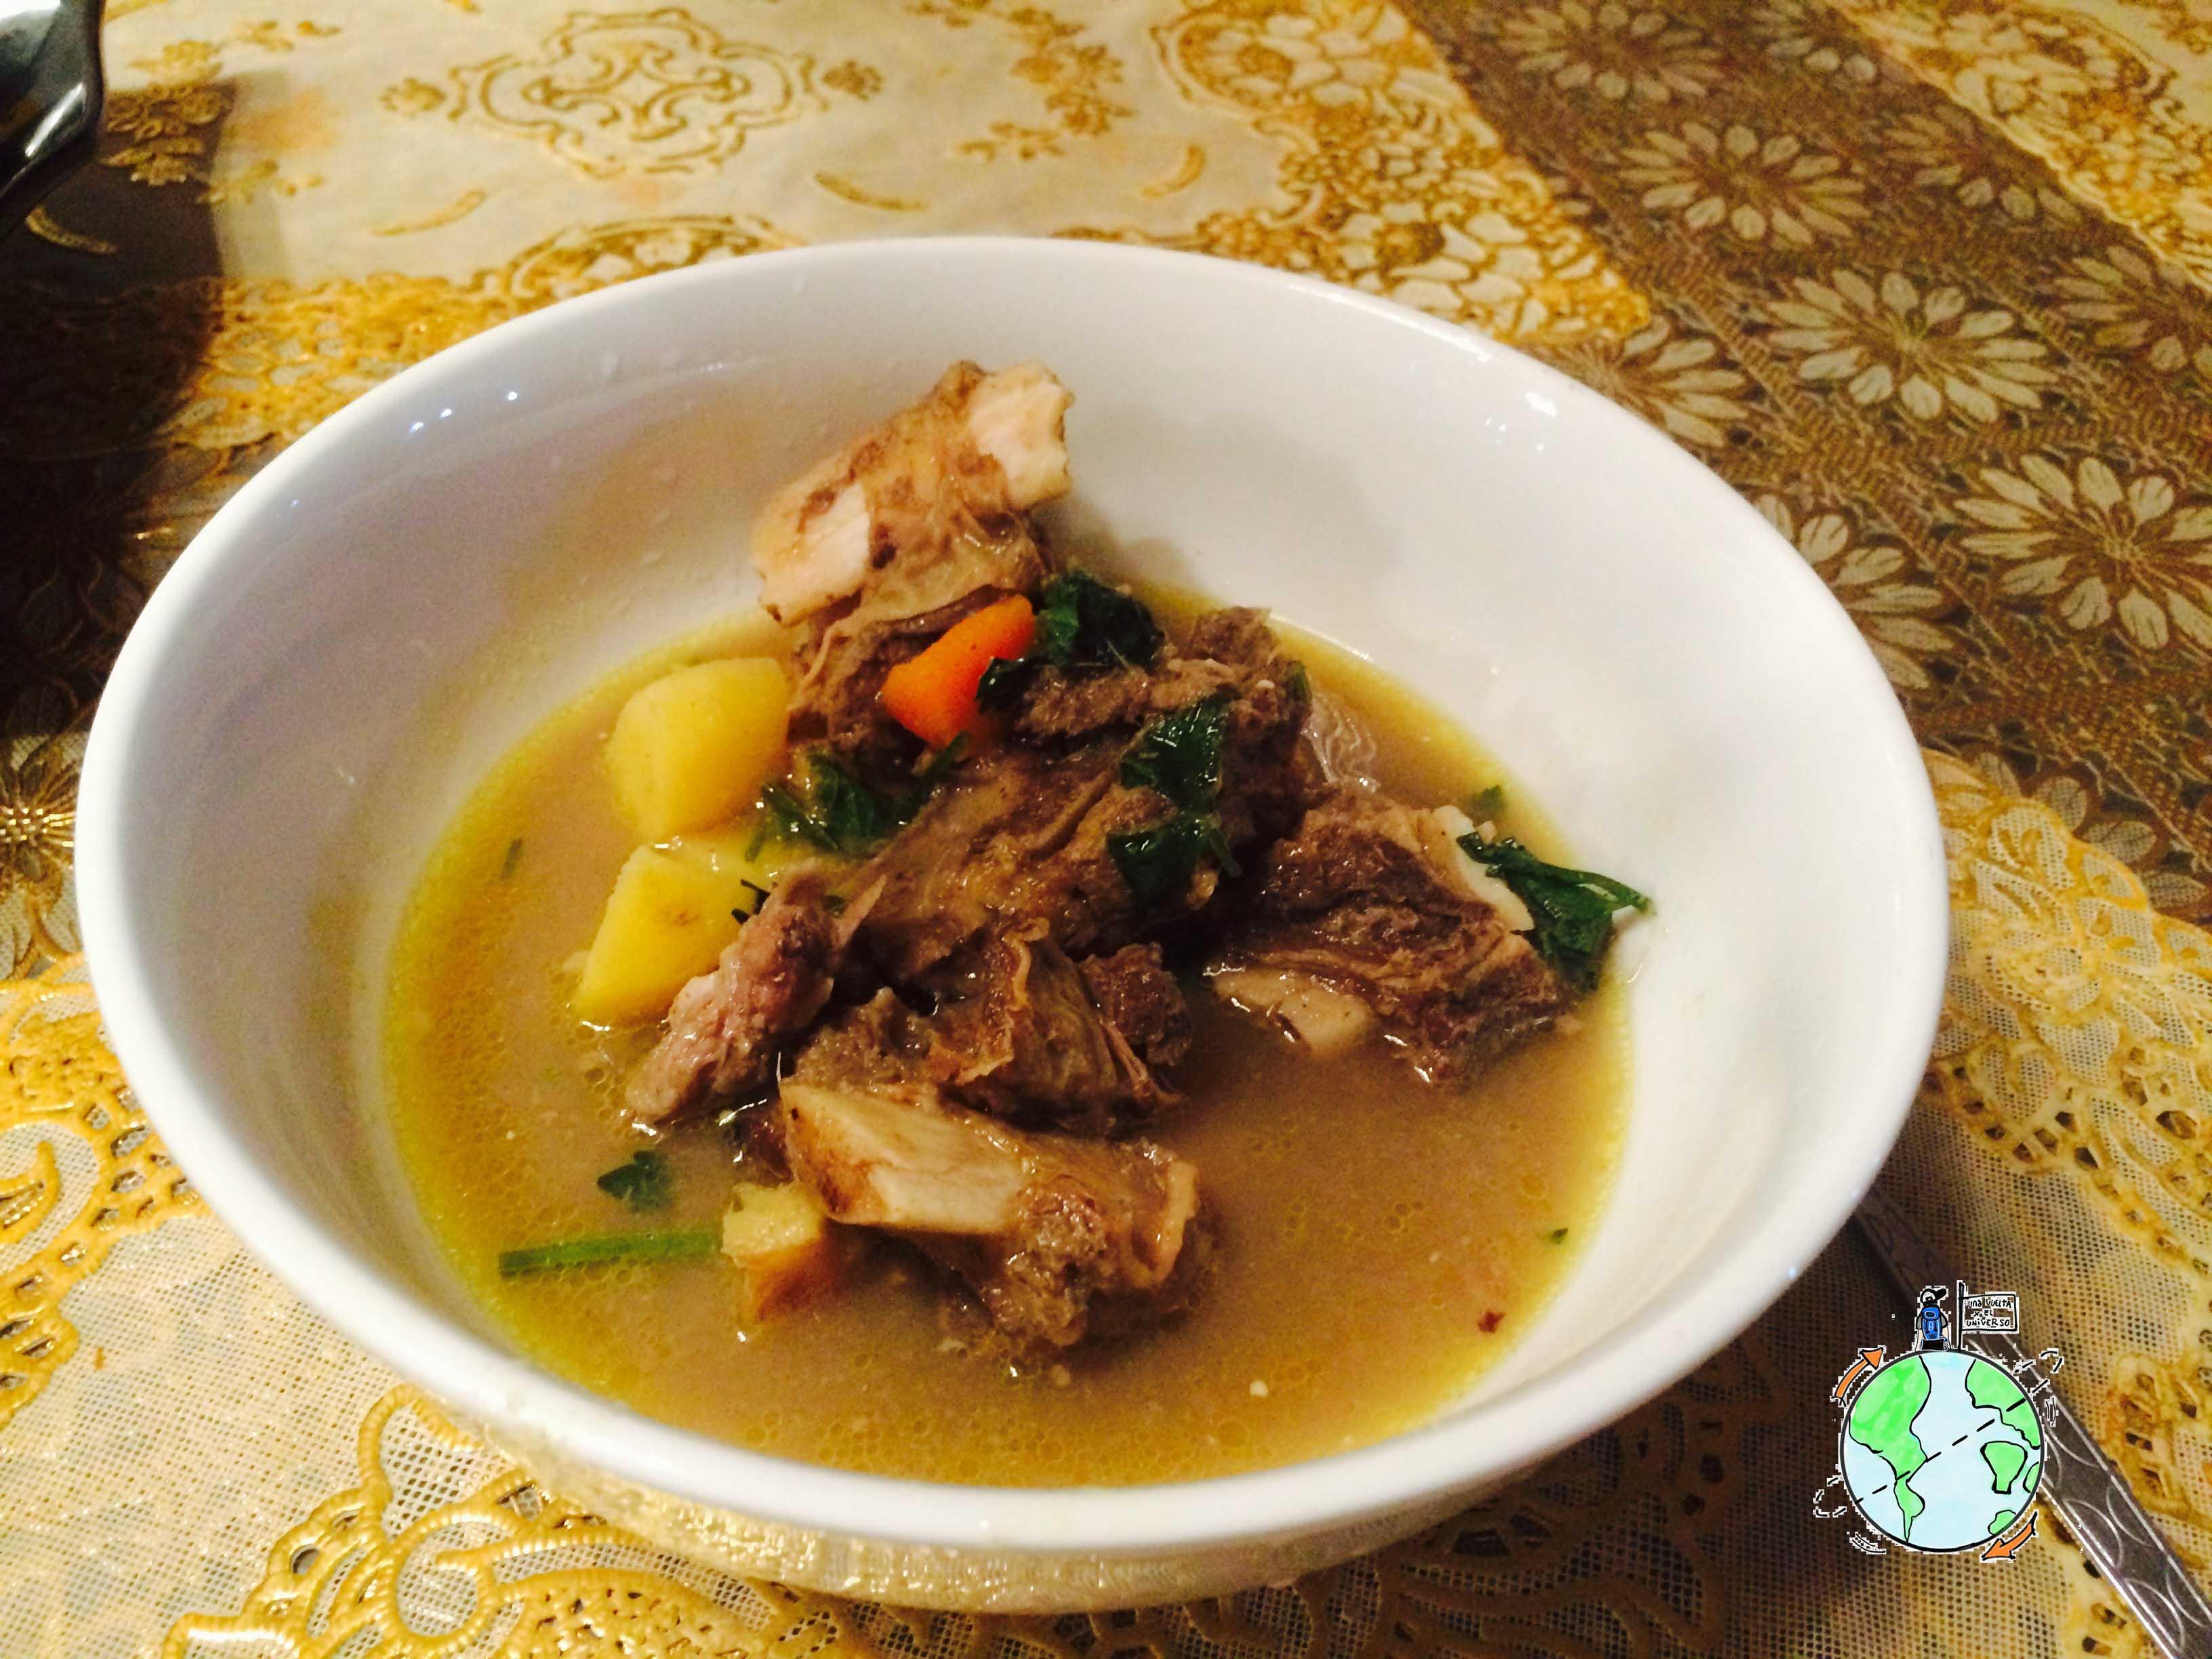 Uno de los platos típicos que me cocinó Irwan. Una especie de guiso de costillar de carne